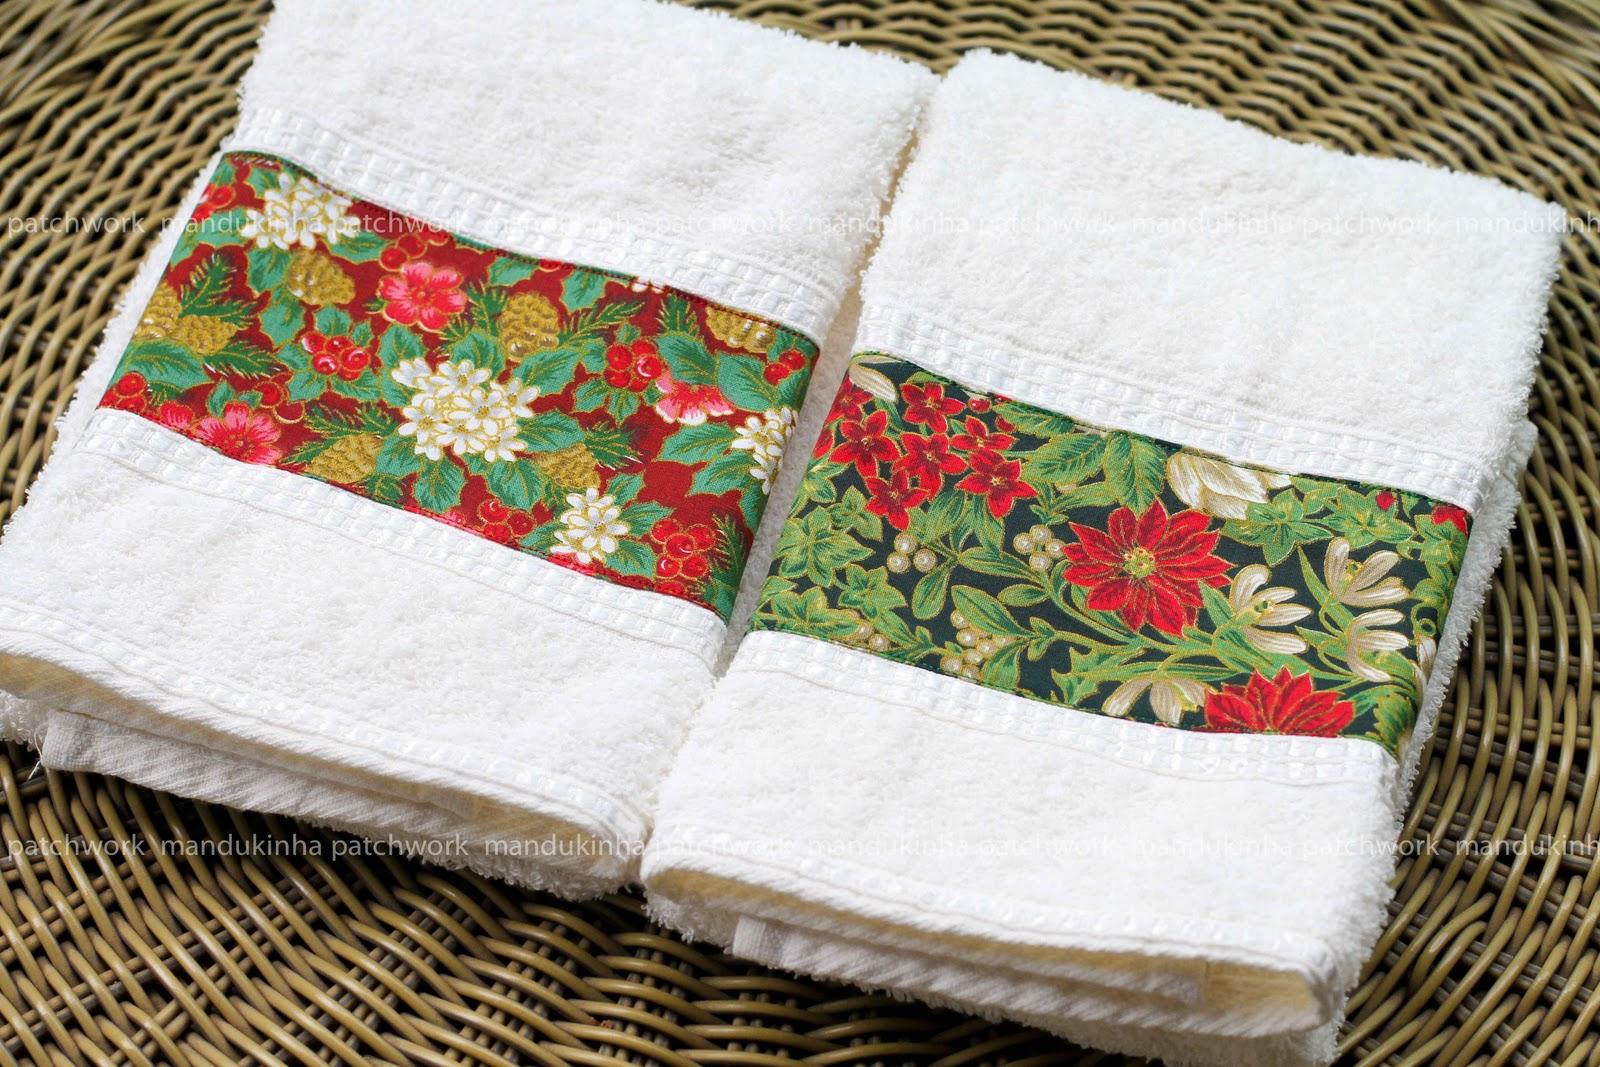 decoracao de lavabo para o natal : decoracao de lavabo para o natal: para lavabo com tecidos coordenados para outras estampas de natal ou